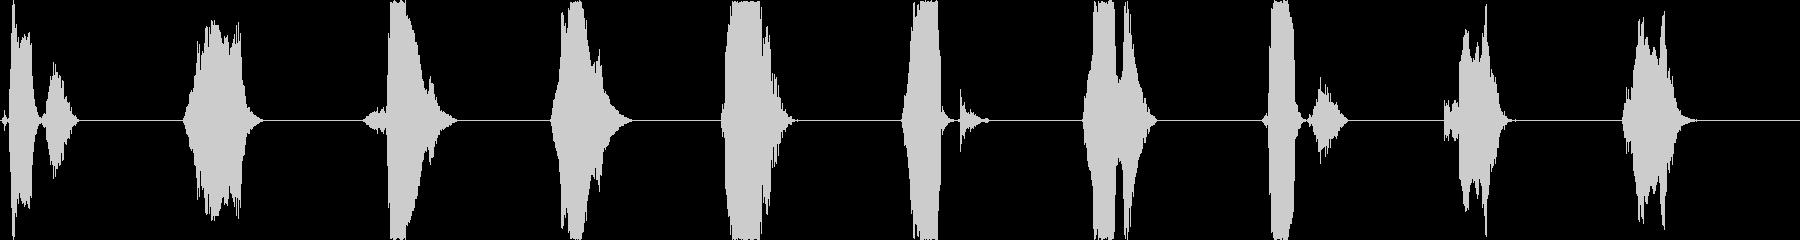 高い声(ボイチェン)で10まで数えるの未再生の波形